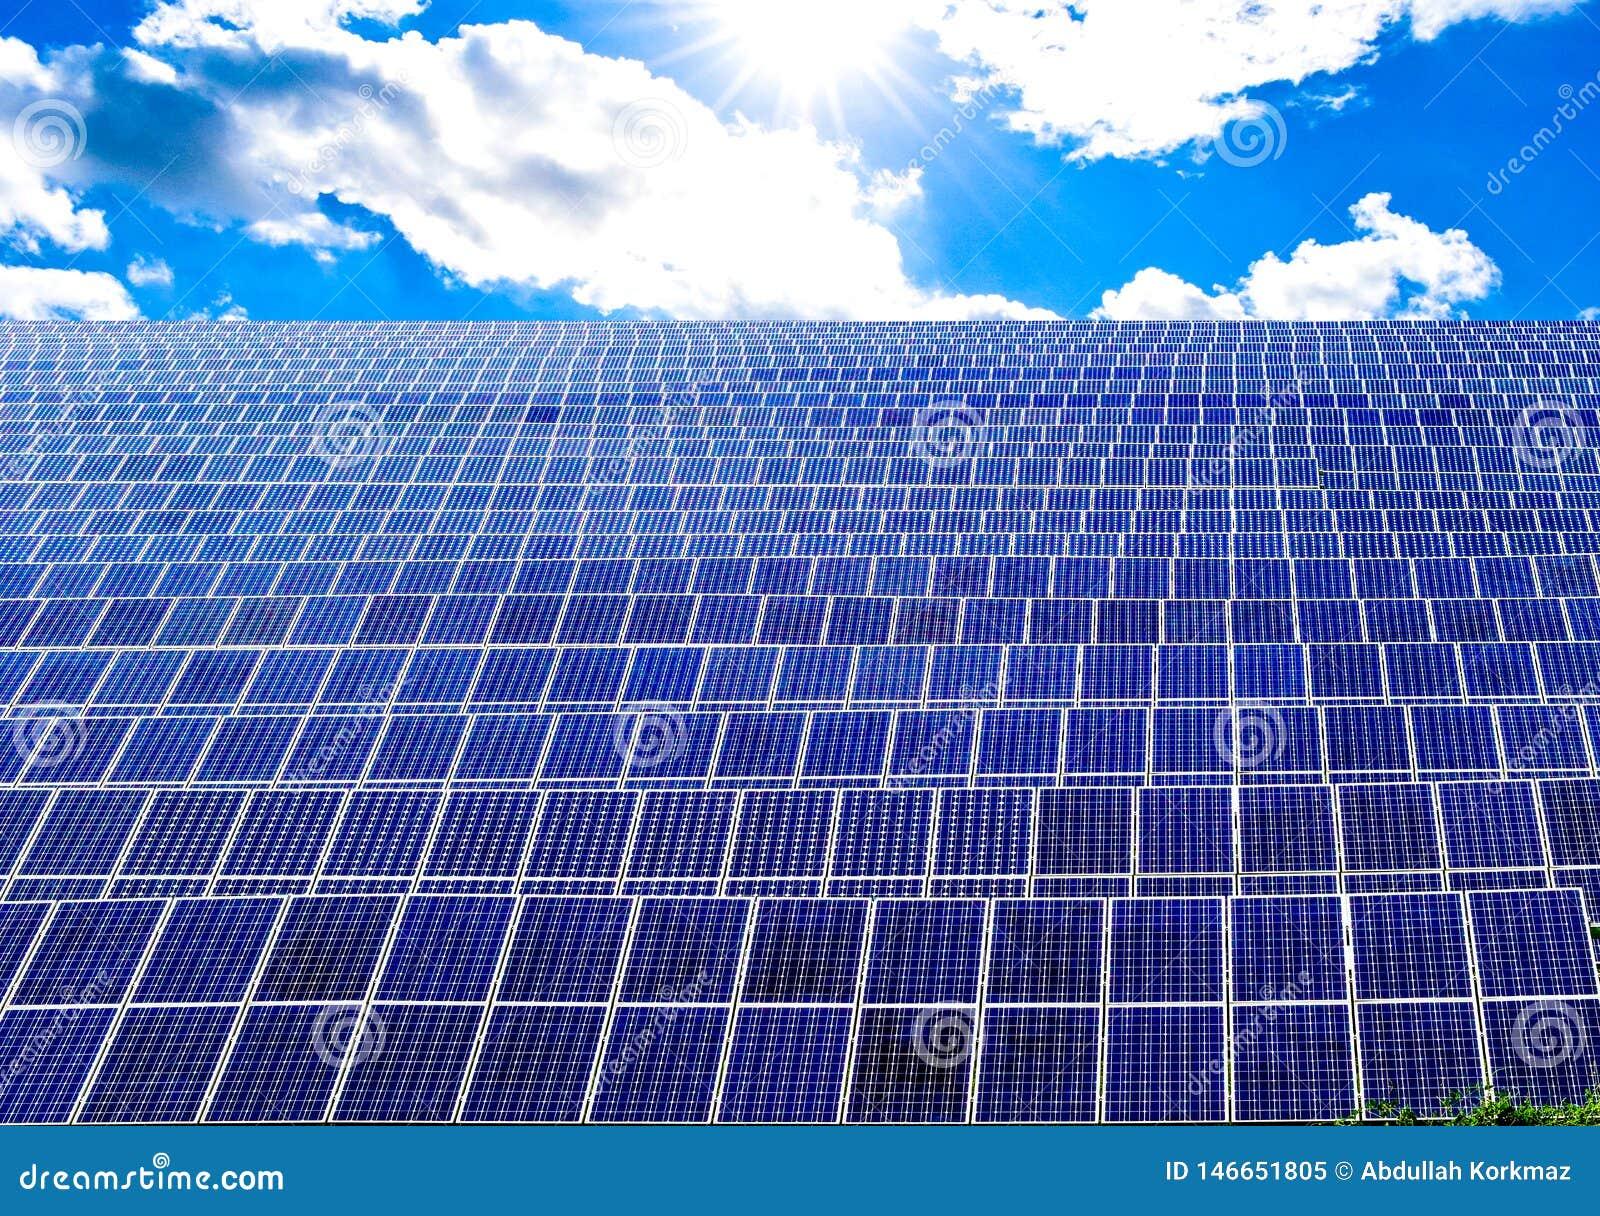 Τομέας επιτροπών δύναμης ηλιακής ενέργειας